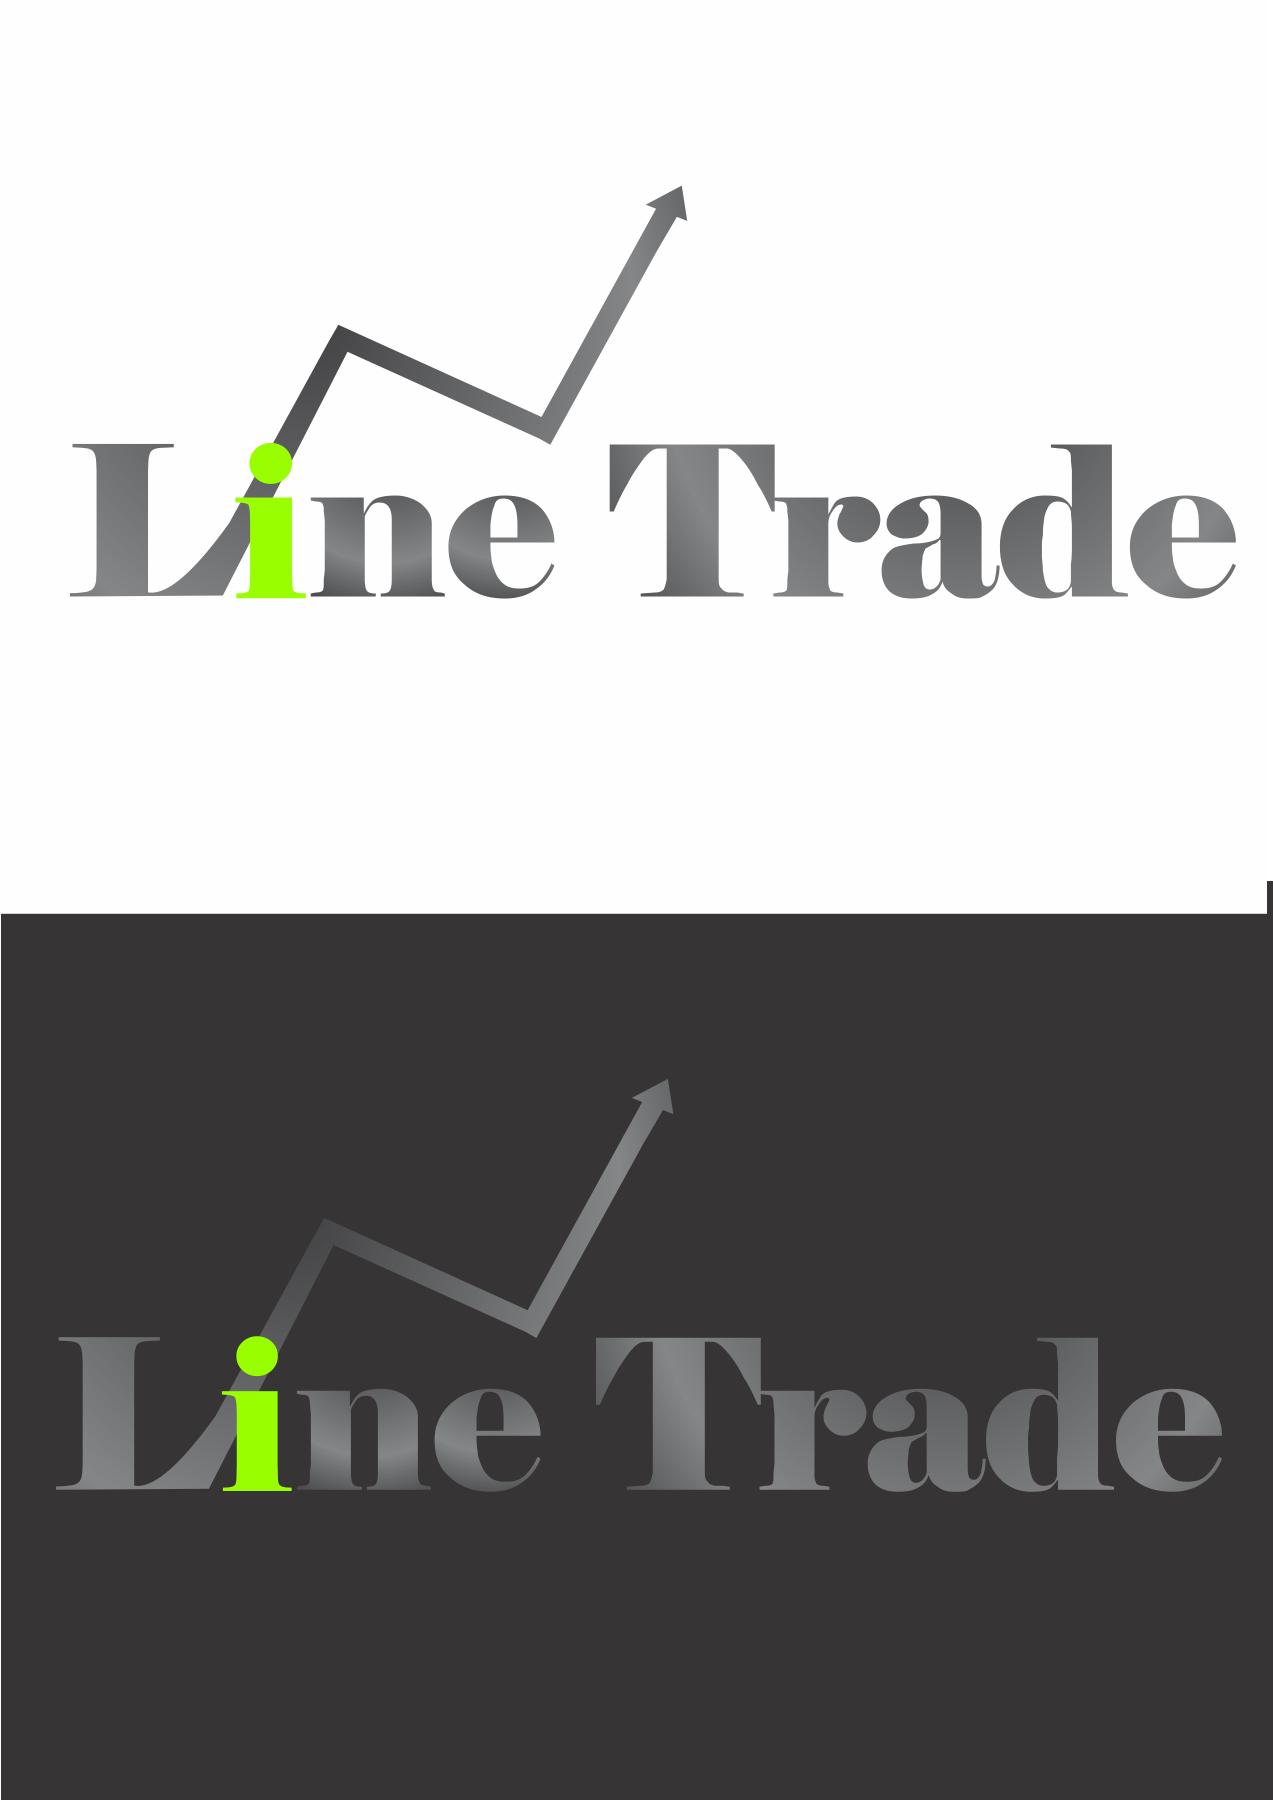 Разработка логотипа компании Line Trade фото f_98650fa8a8fcf376.png